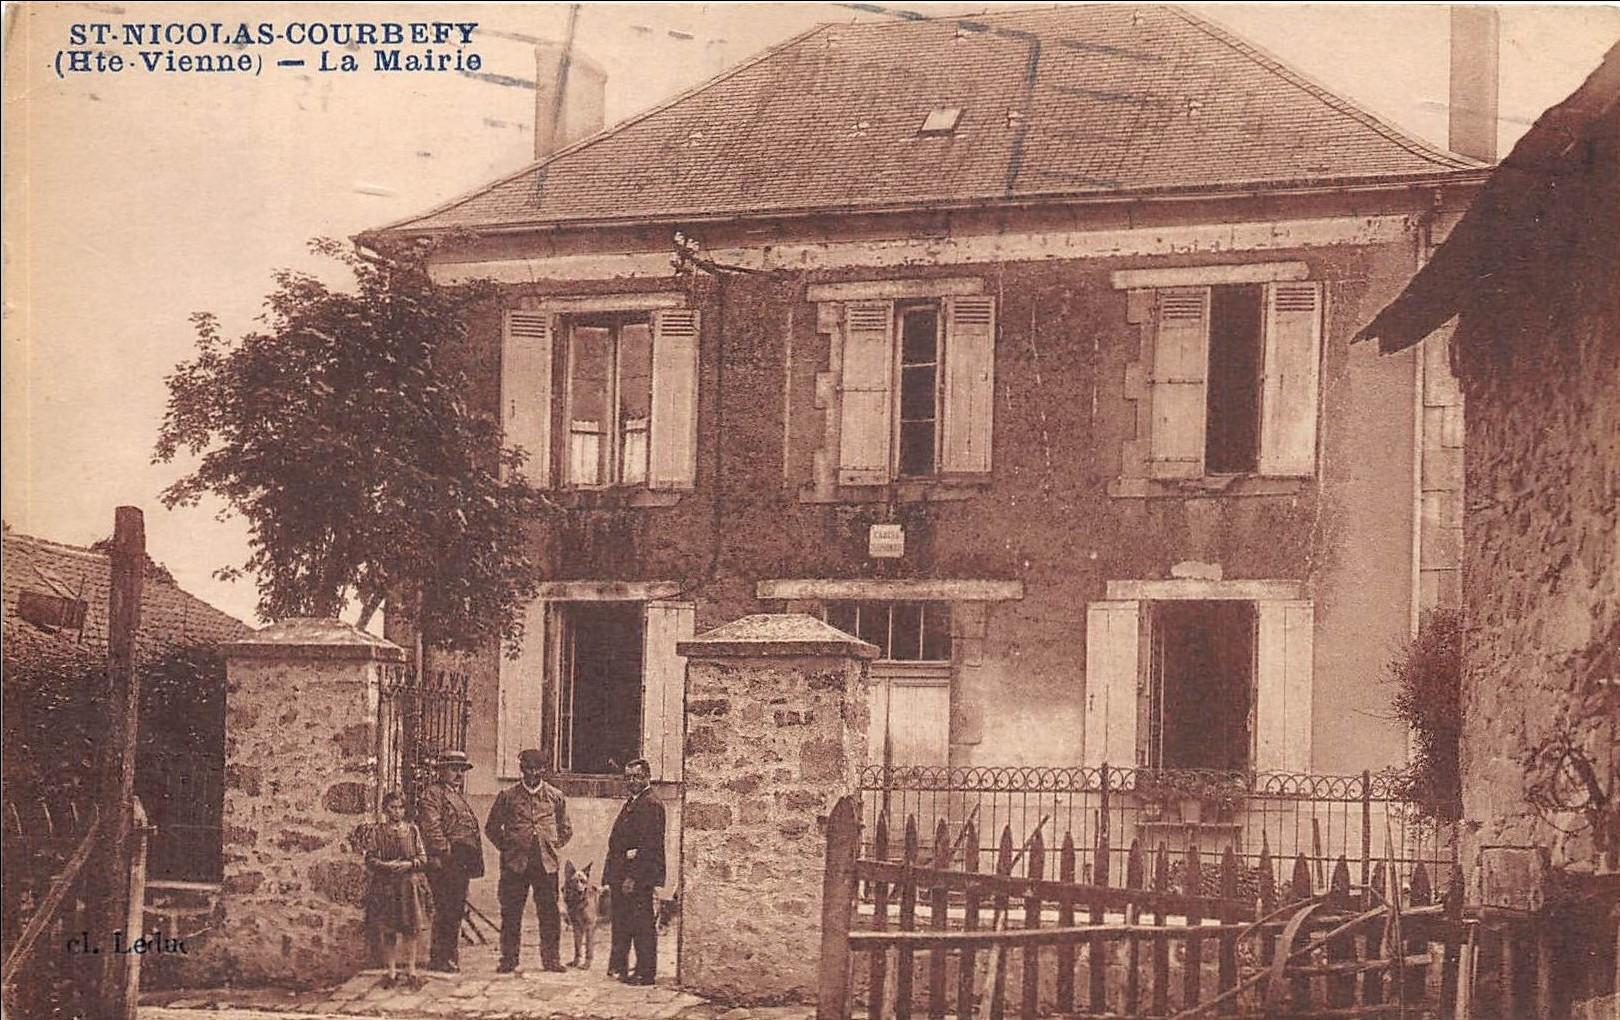 Mairie de St-Nicolas Courbefy